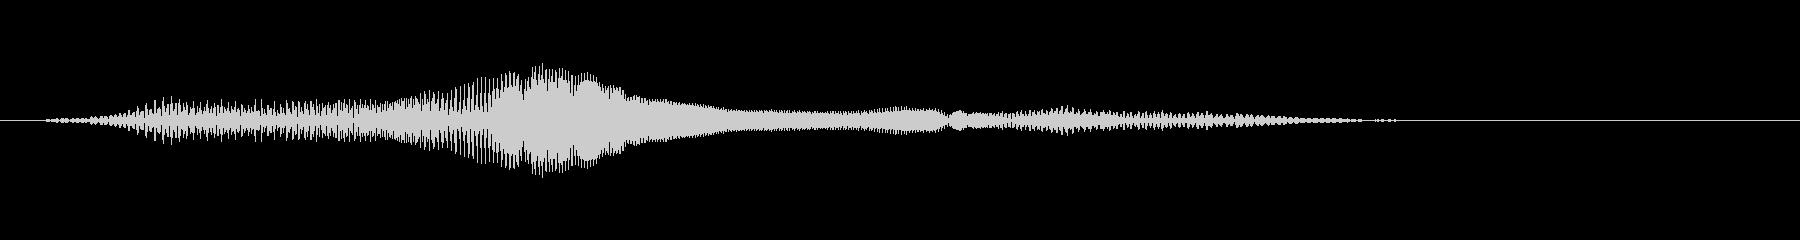 「ワオ!」1の未再生の波形